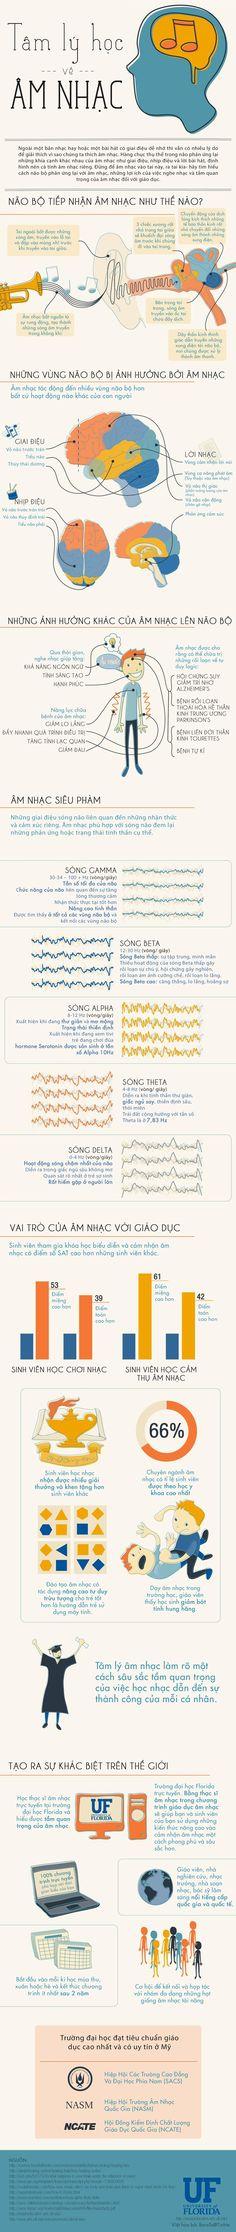 Ngay từ thời thượng cổ, âm nhạc đã ra đời cùng với đời sống sinh hoạt của con người. Kể từ đó, âm nhạc đã không ngừng phát triển, hoàn thiện và càng ngày sức ảnh hưởng của nó càng lớn, trở thành bộ phận không thể thiếu trong cuộc sống con người.  http://www.tinhte.vn/threads/infographic-tam-ly-hoc-ve-am-nhac.2306295/